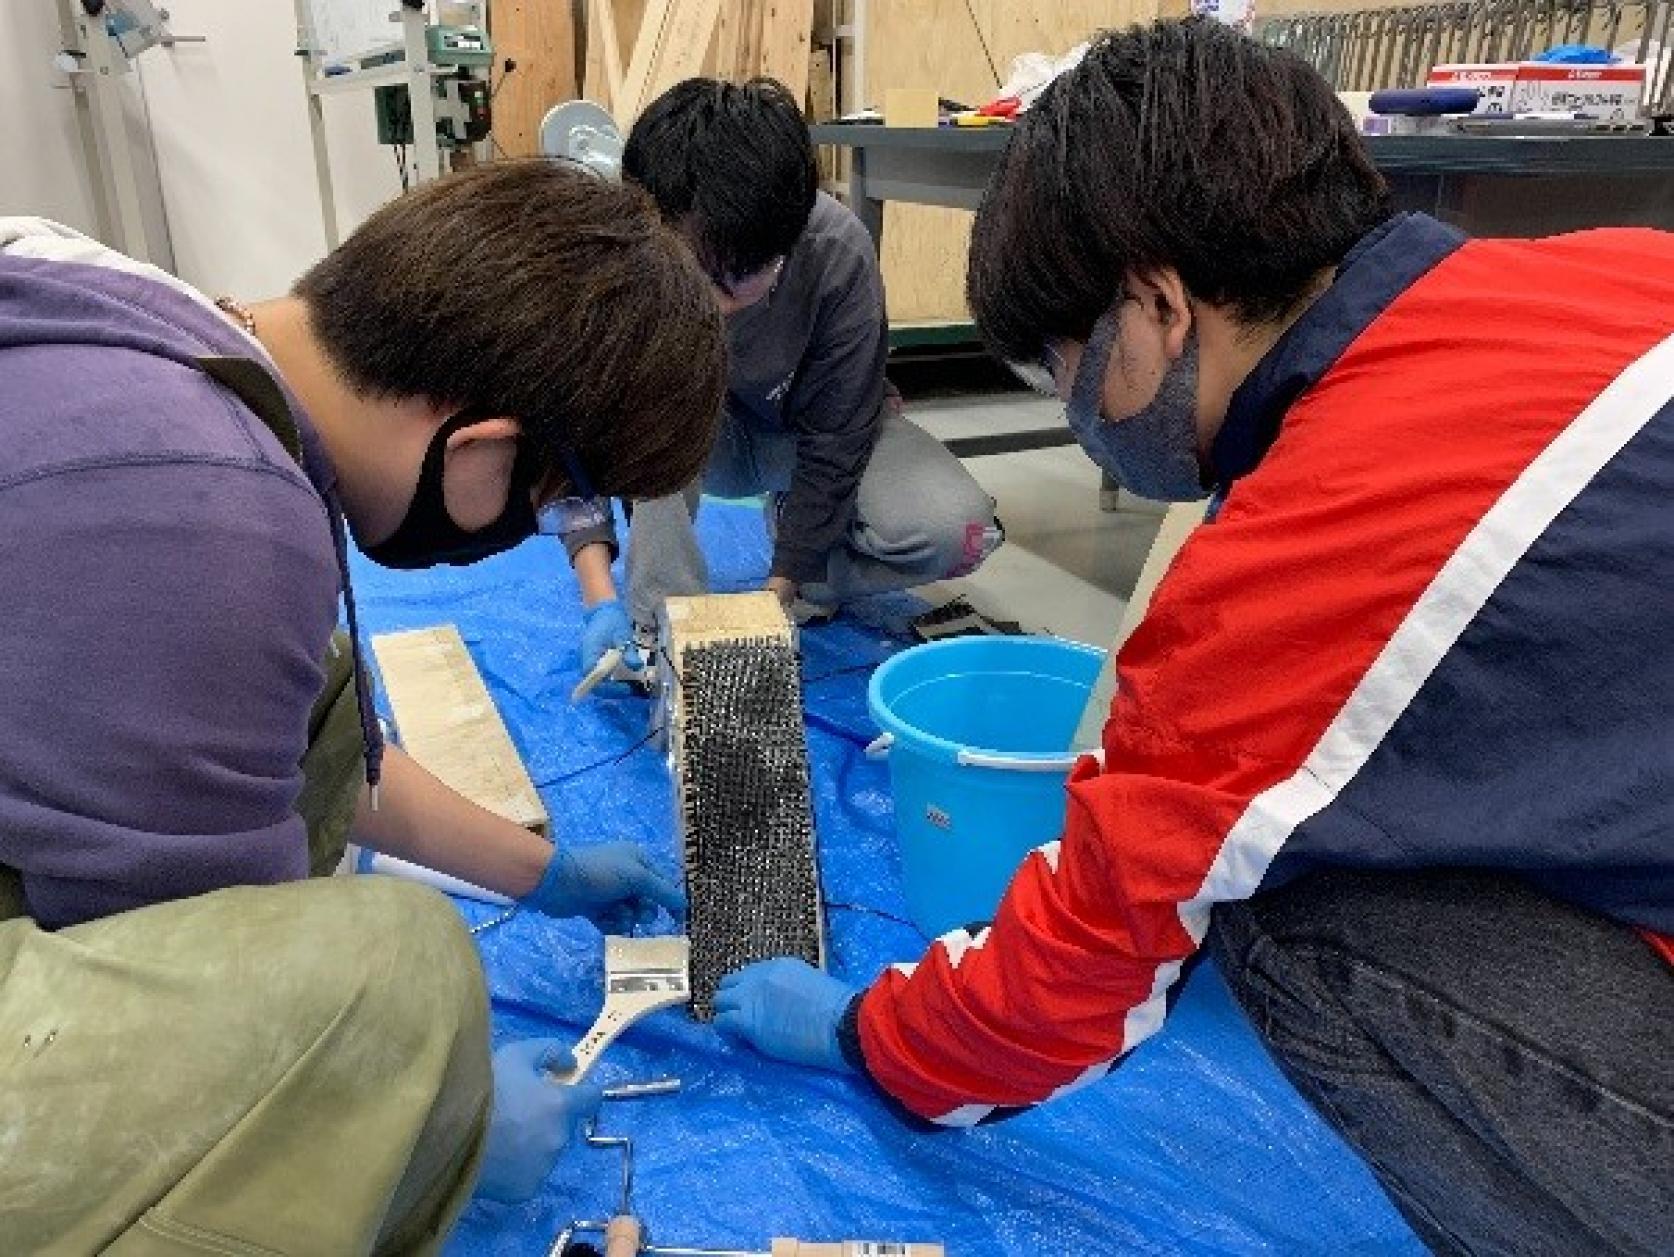 日本大学理工学部学生チームが、IHI/SAMPE JAPAN学生ブリッジコンテストでIHI杯及び審査委員特別賞をダブル受賞しました。